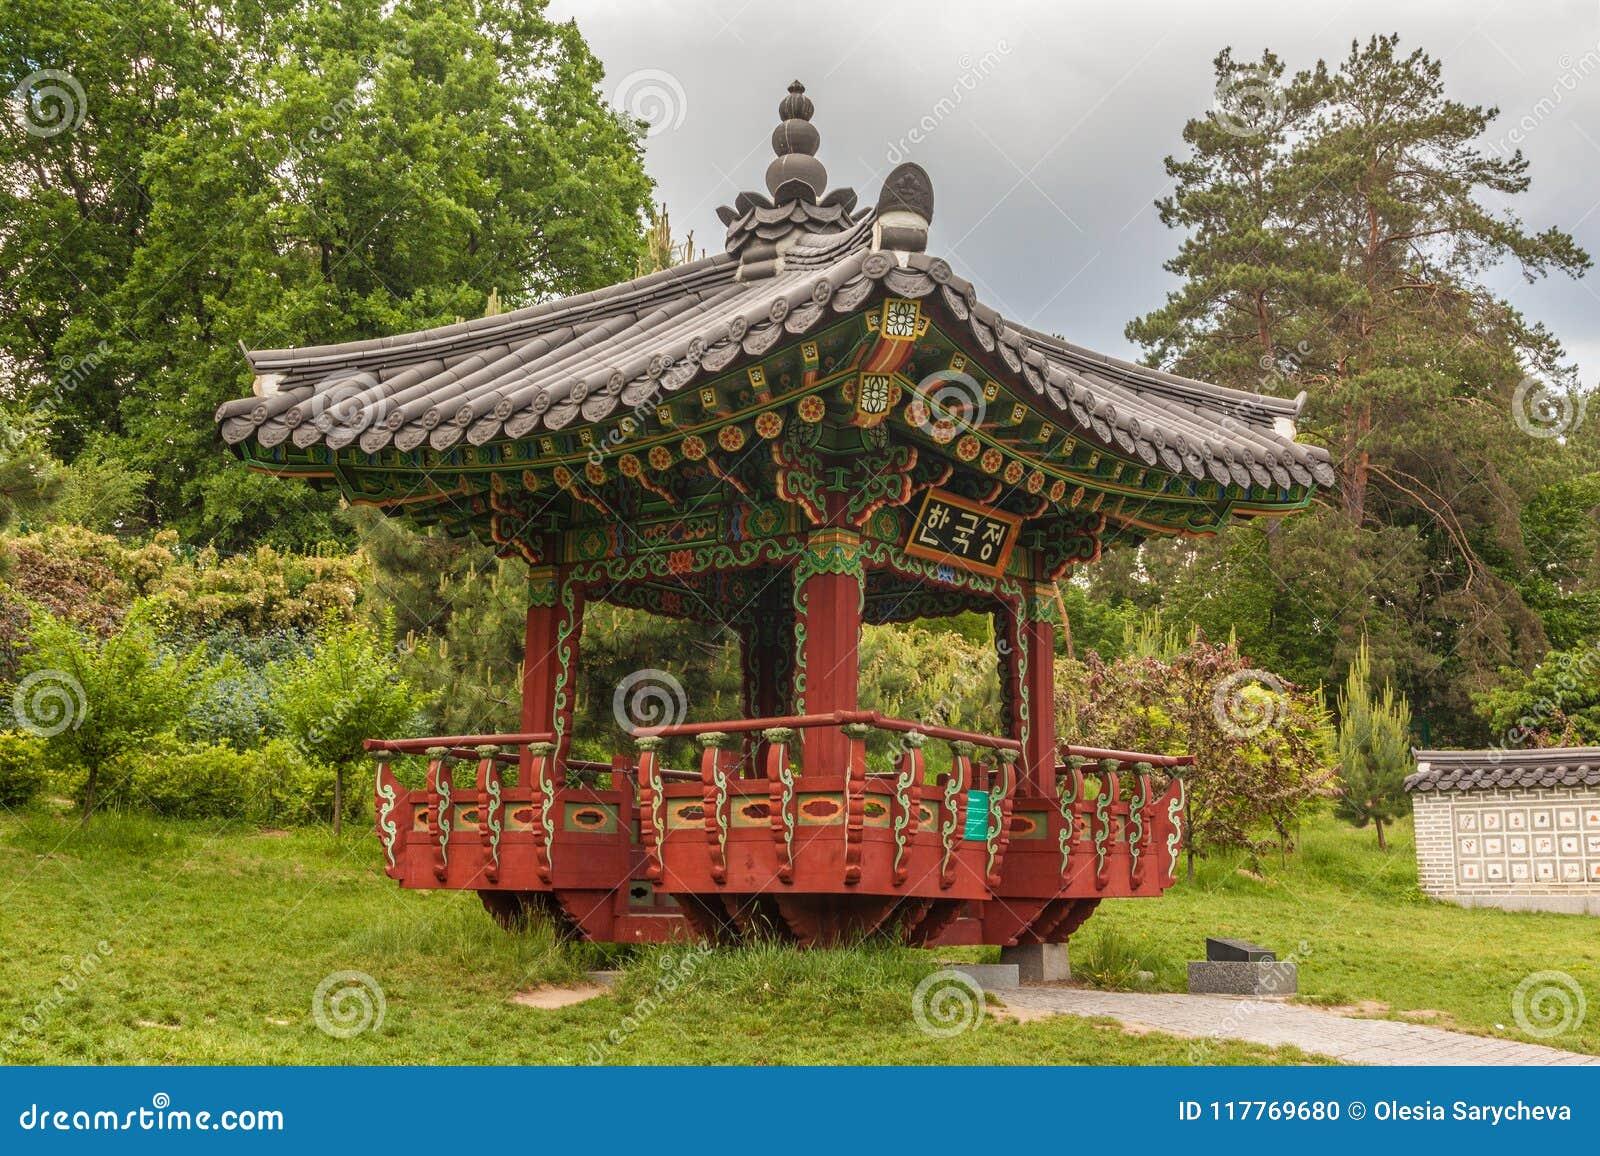 Korean Traditional Garden And Pagoda In A Public Garden In Kiev ...